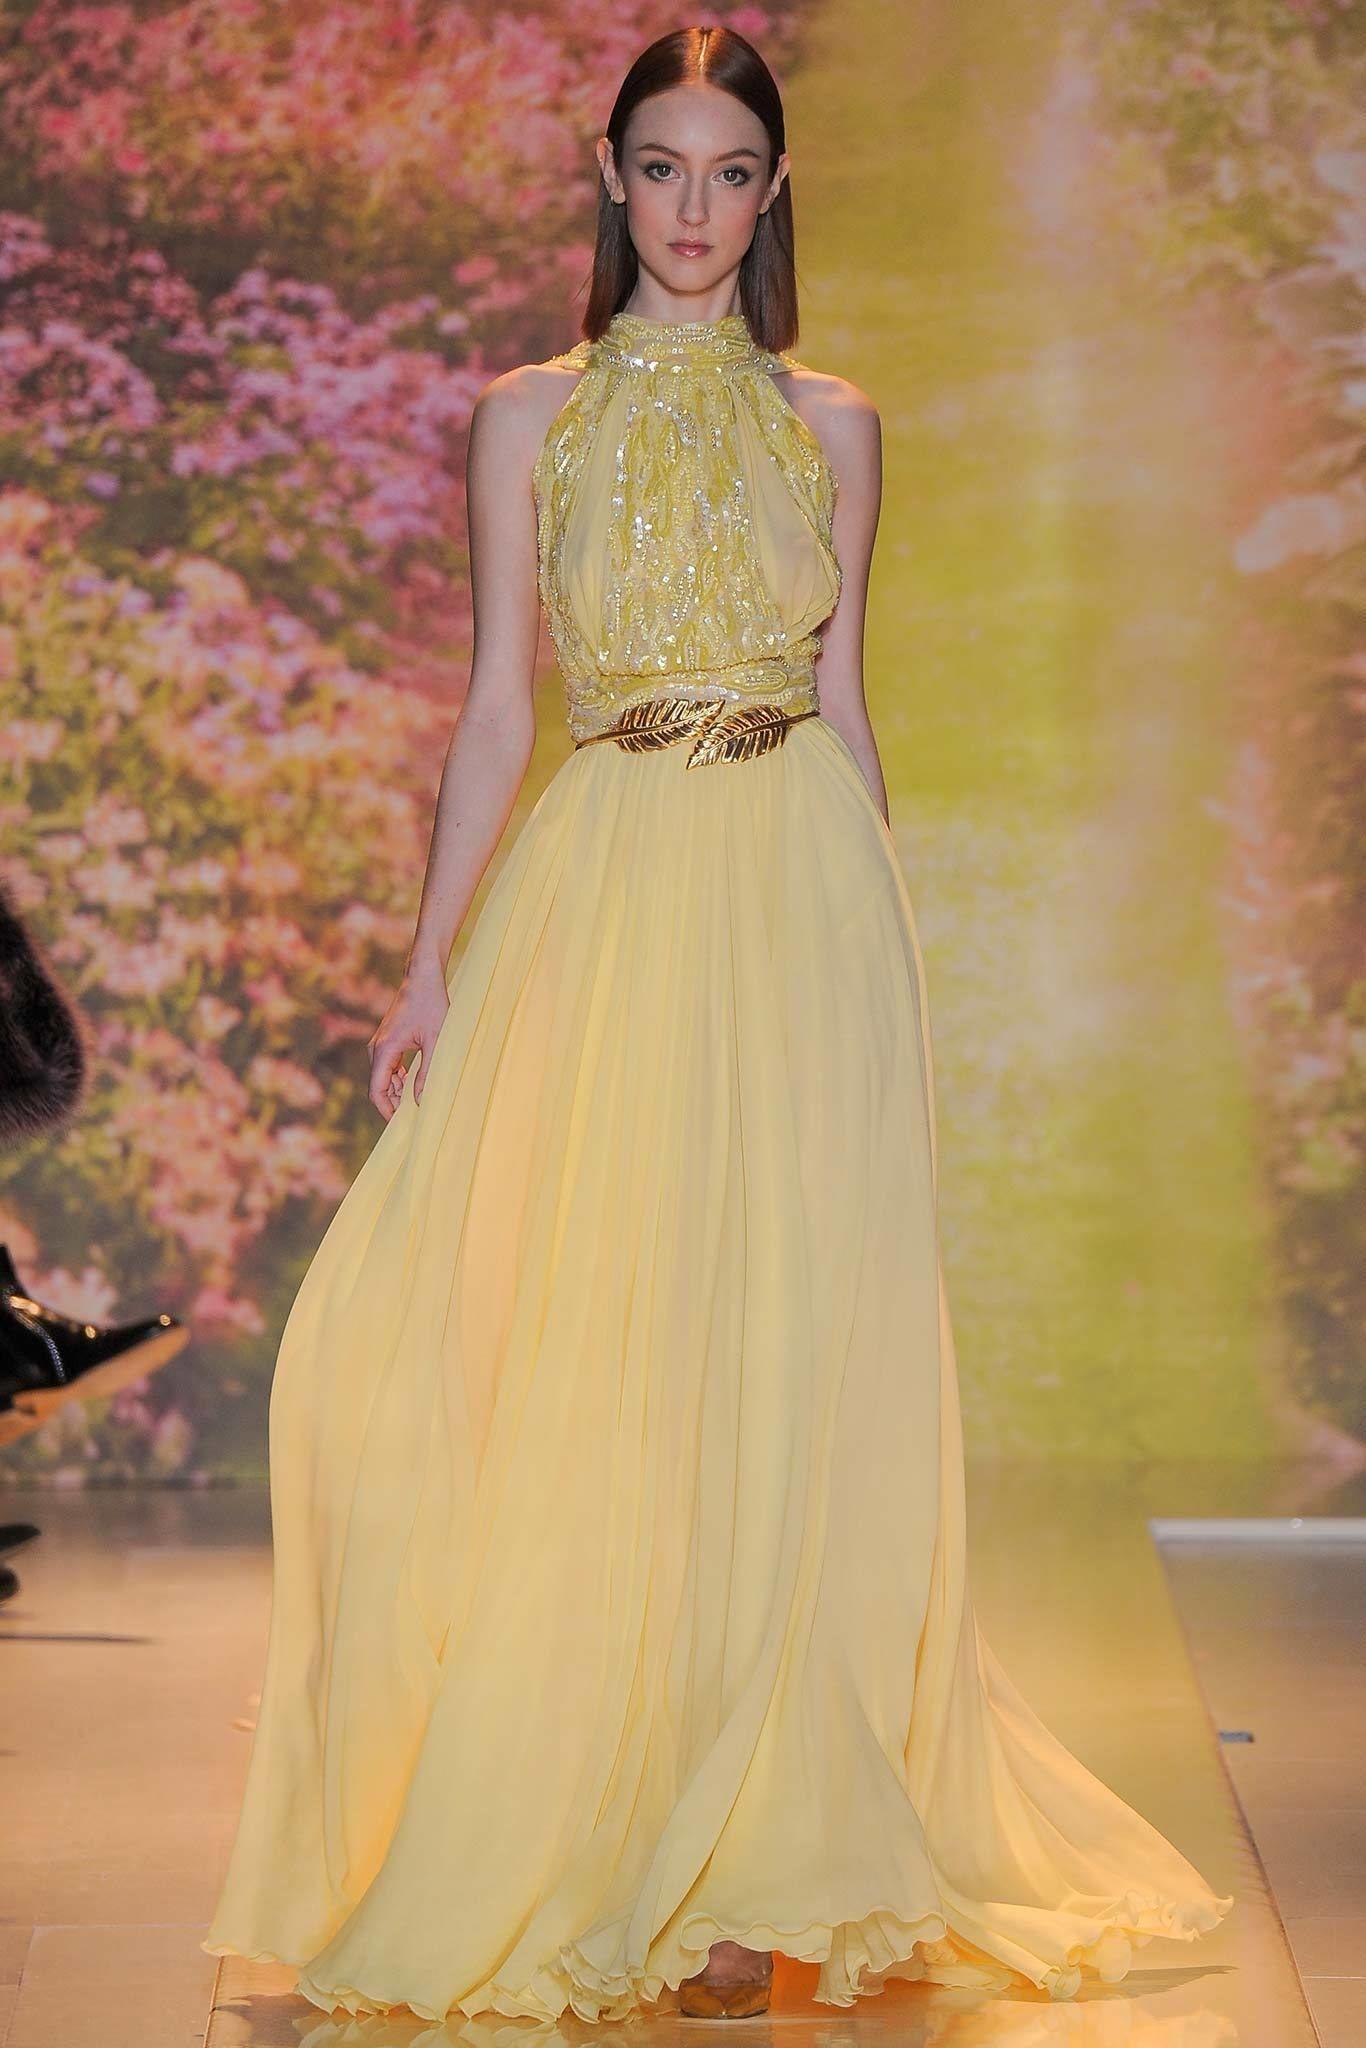 Zuhair Murad Spring 2014 Couture Collection Photos - Vogue#1#15